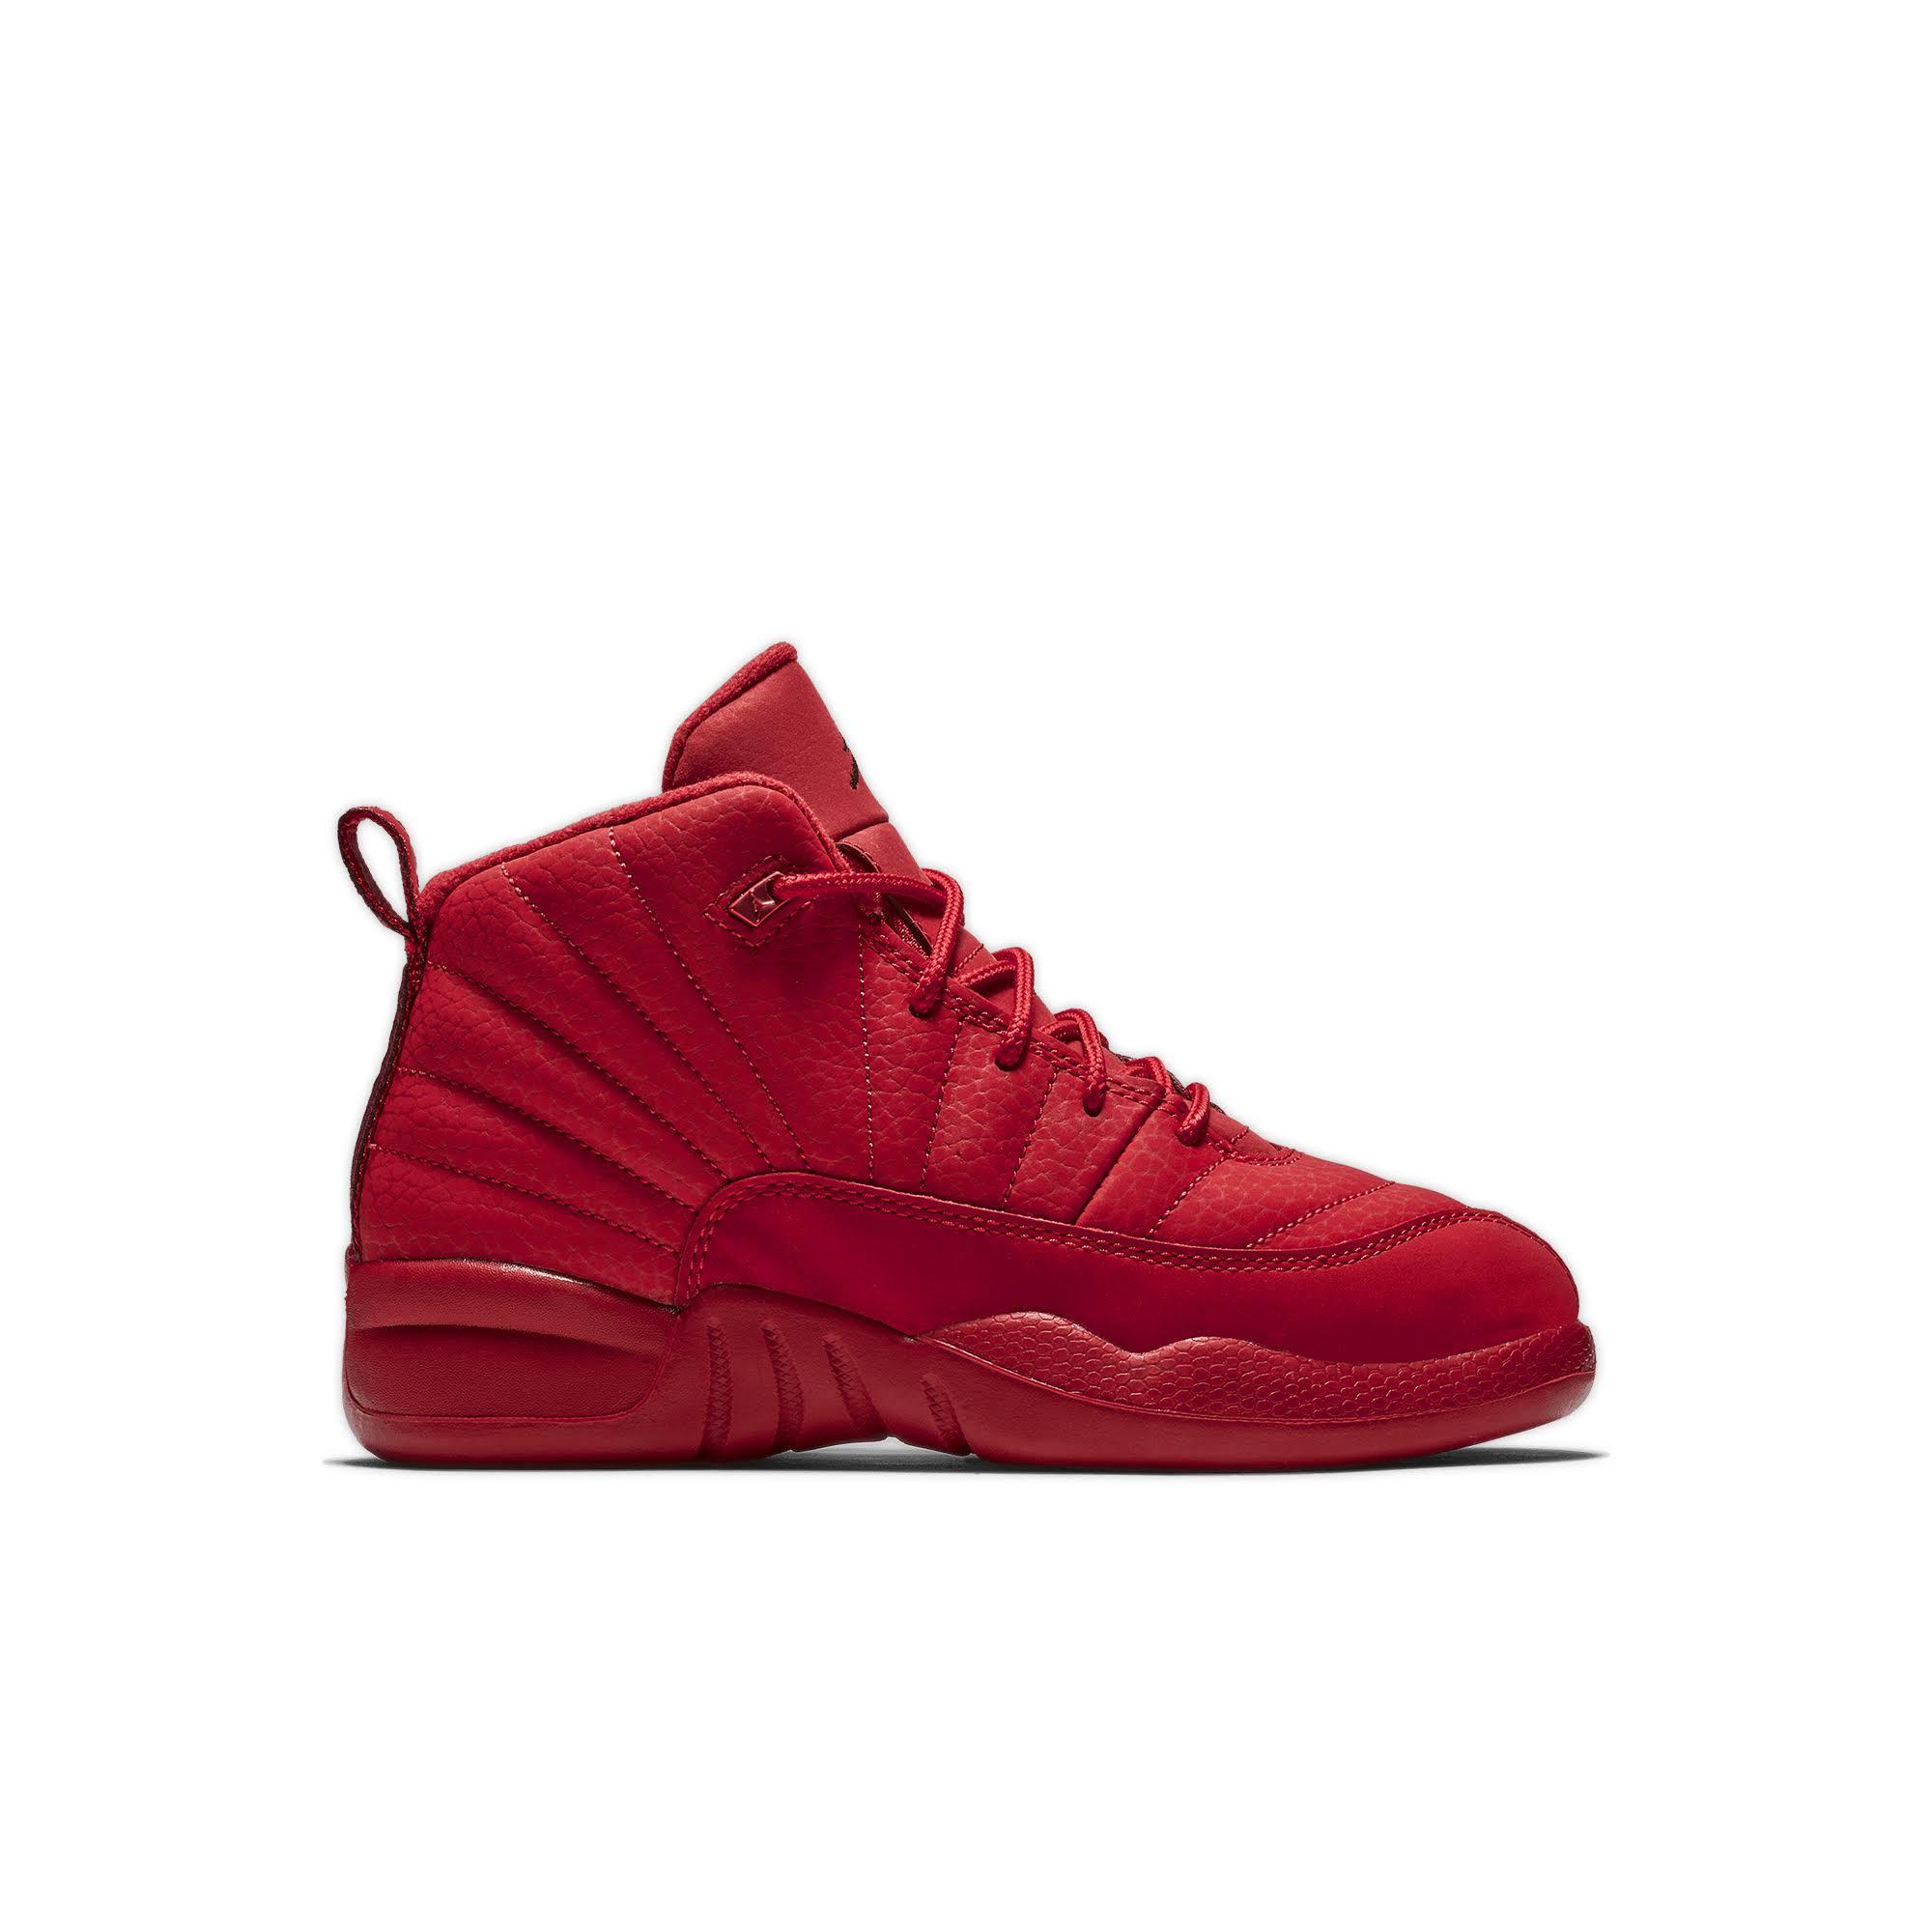 Retro Vorschulalter Für 1 151186601 Jungen Jordan Im Basketballschuhe 12 Größe PpwYvd